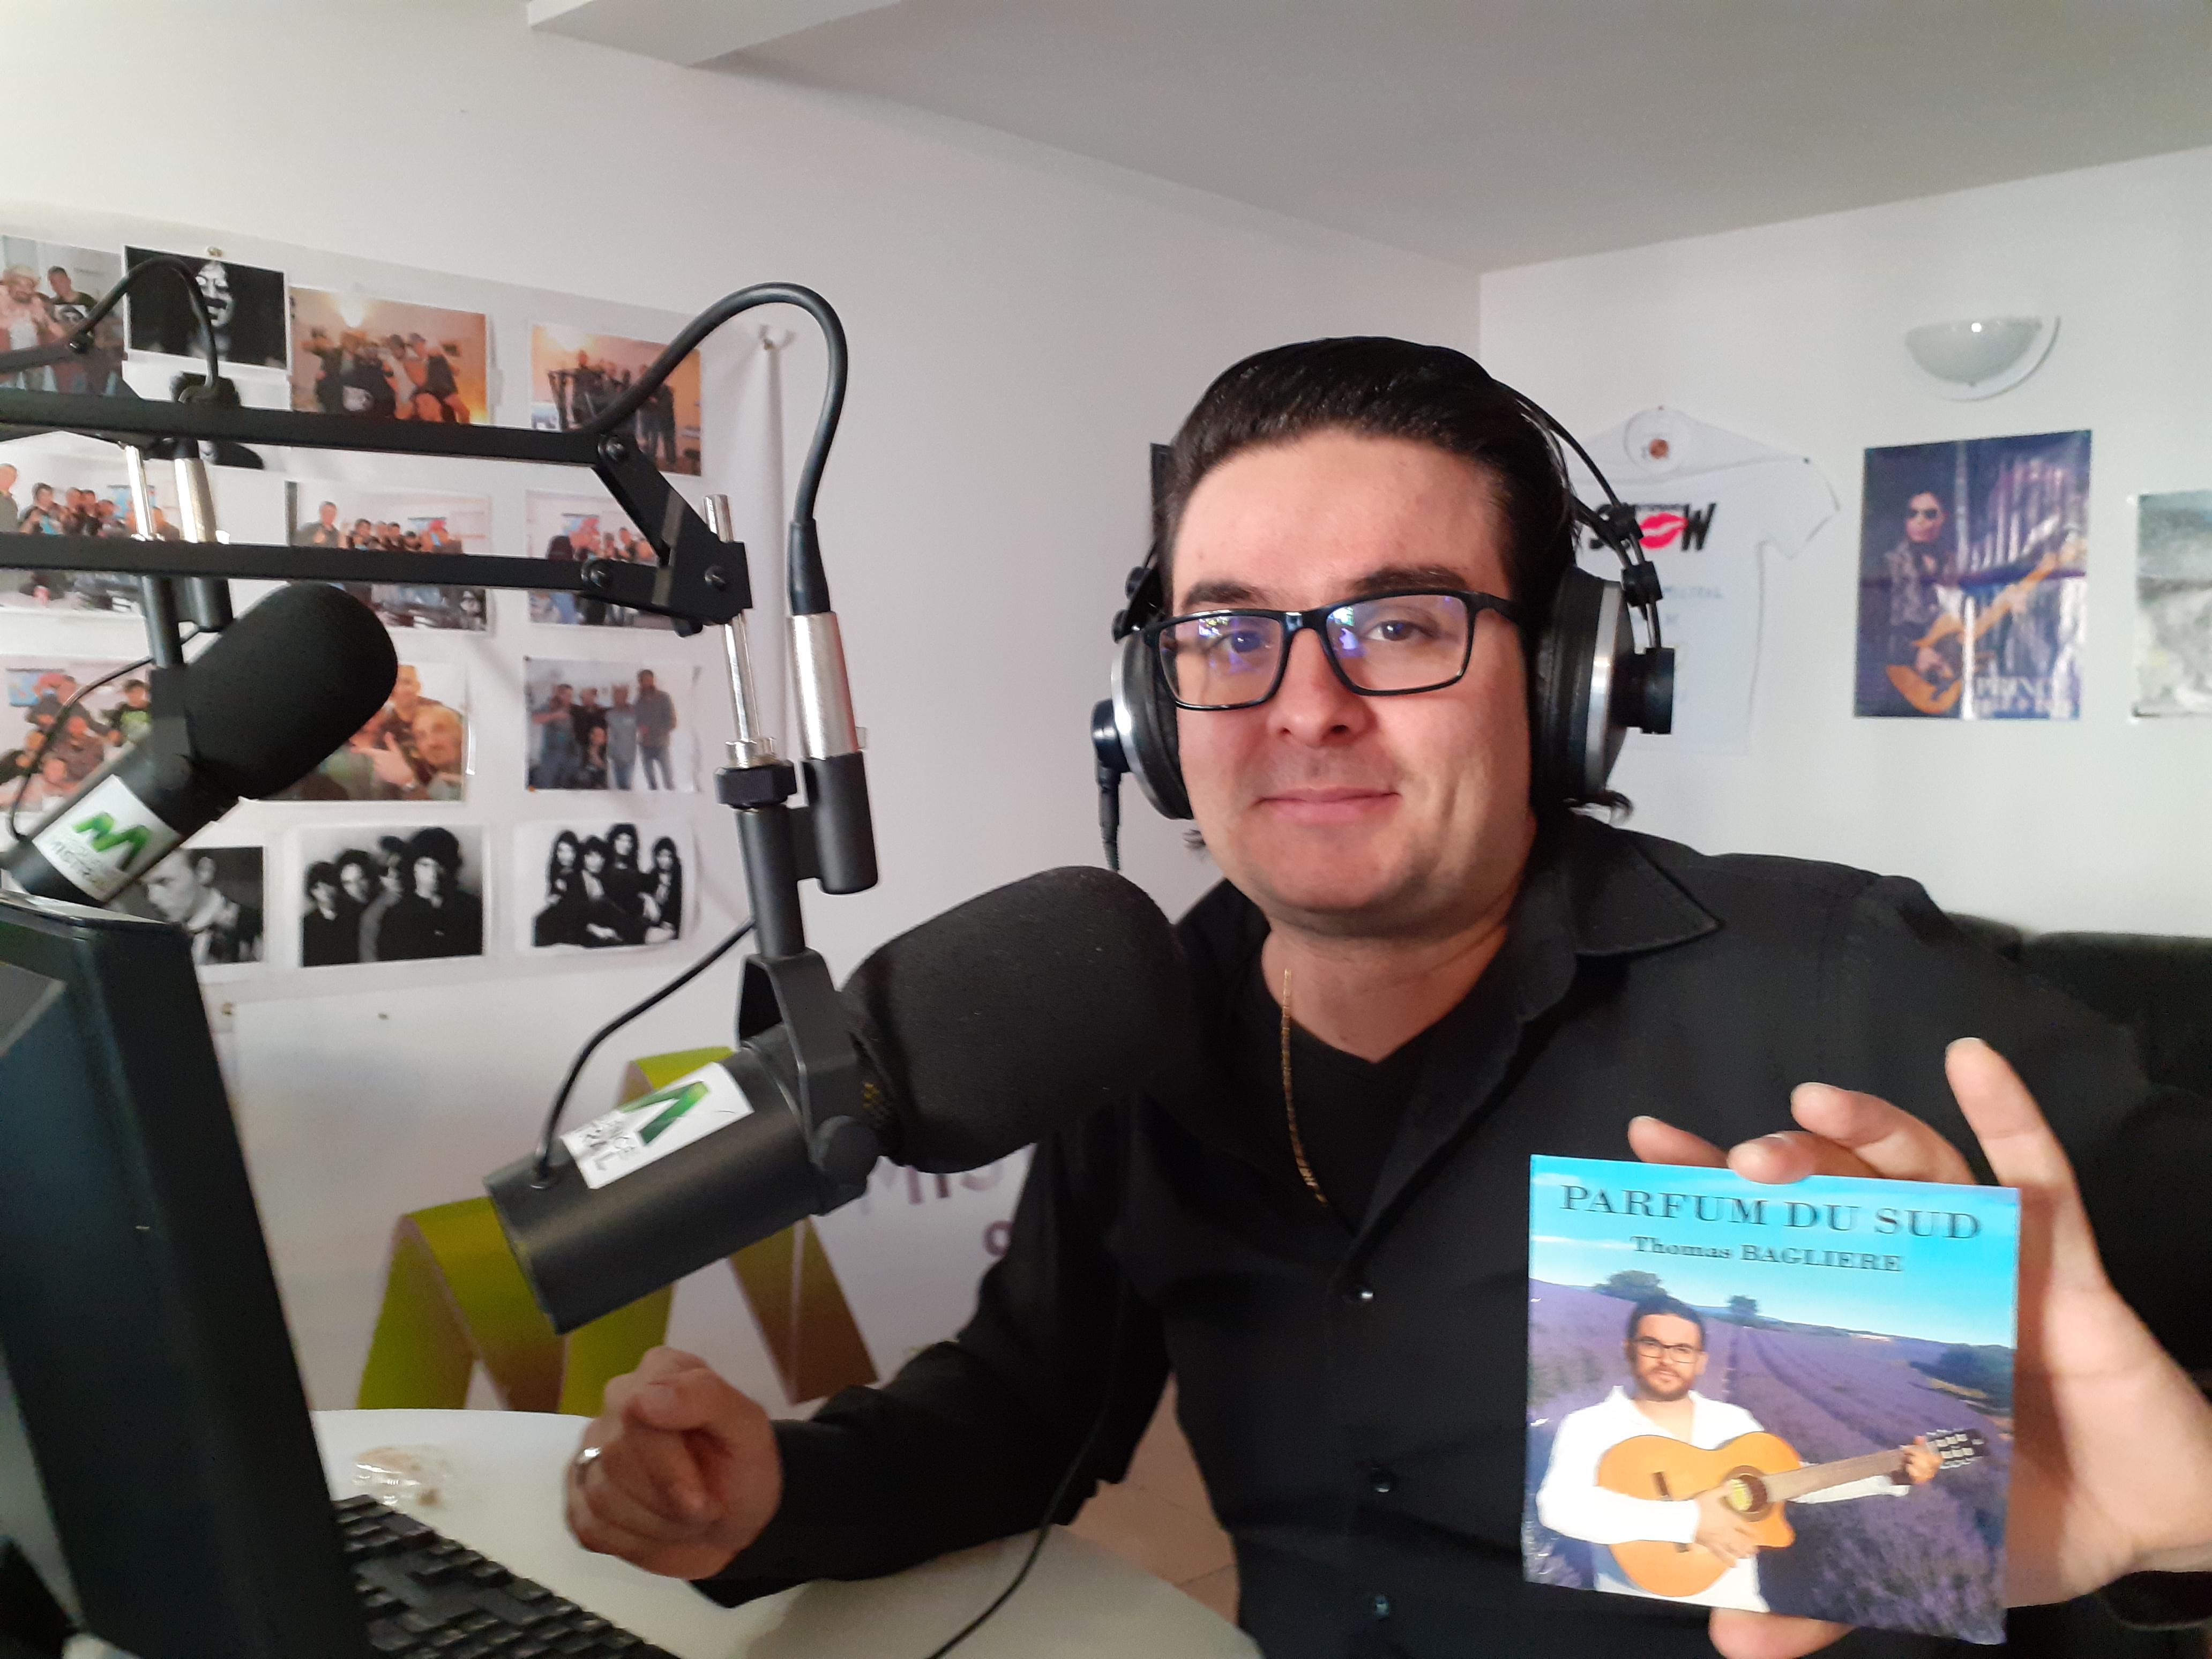 ''Parfum du sud'' : nouvel album pour Thomas Baglière !